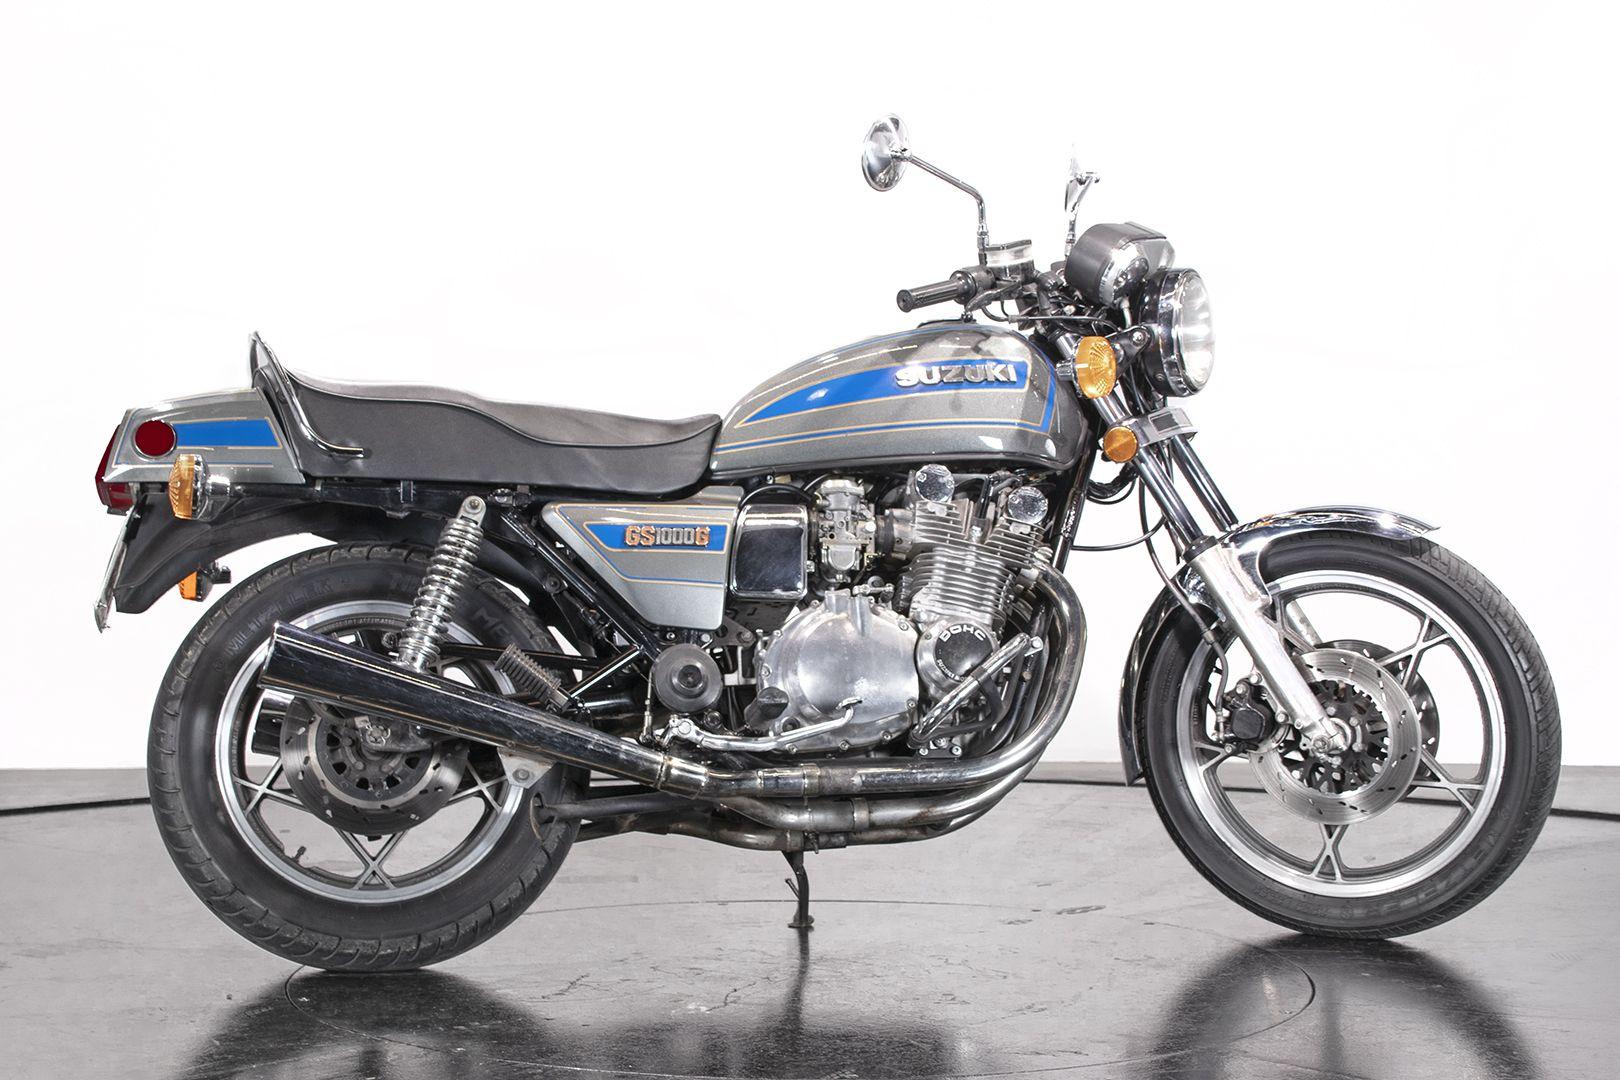 1980 Suzuki GS 1000 60290